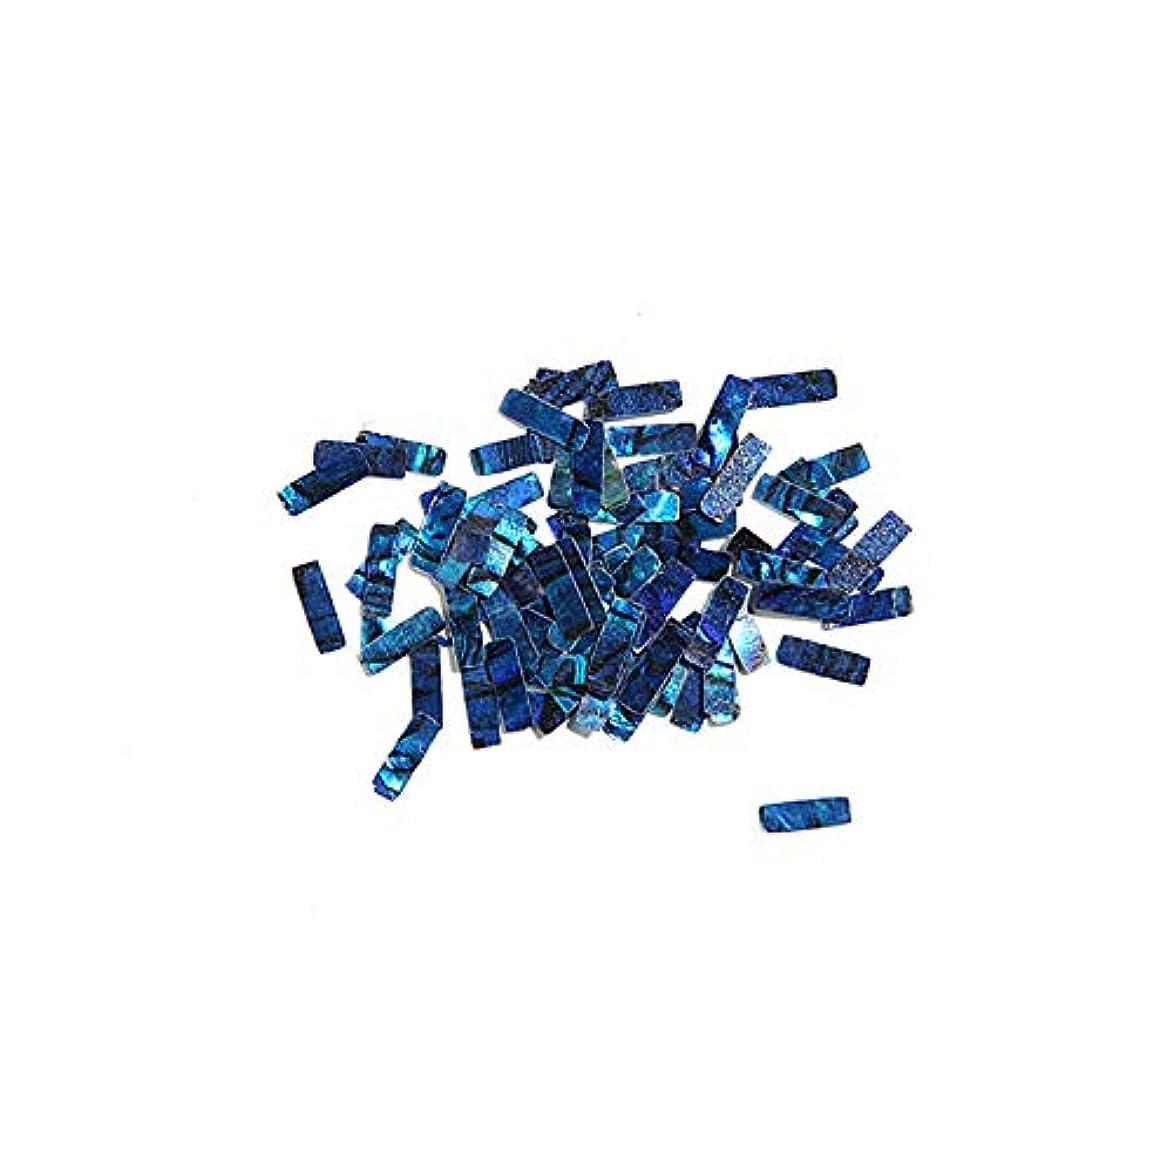 Snner ネイル グリッター ラメ キラキラ ラメパウダー ネイルアートパーツ レジン用 ジェルネイル おしゃれ プレゼント ネイル用装飾 彩られる ネイルステッカー (YH53-02)